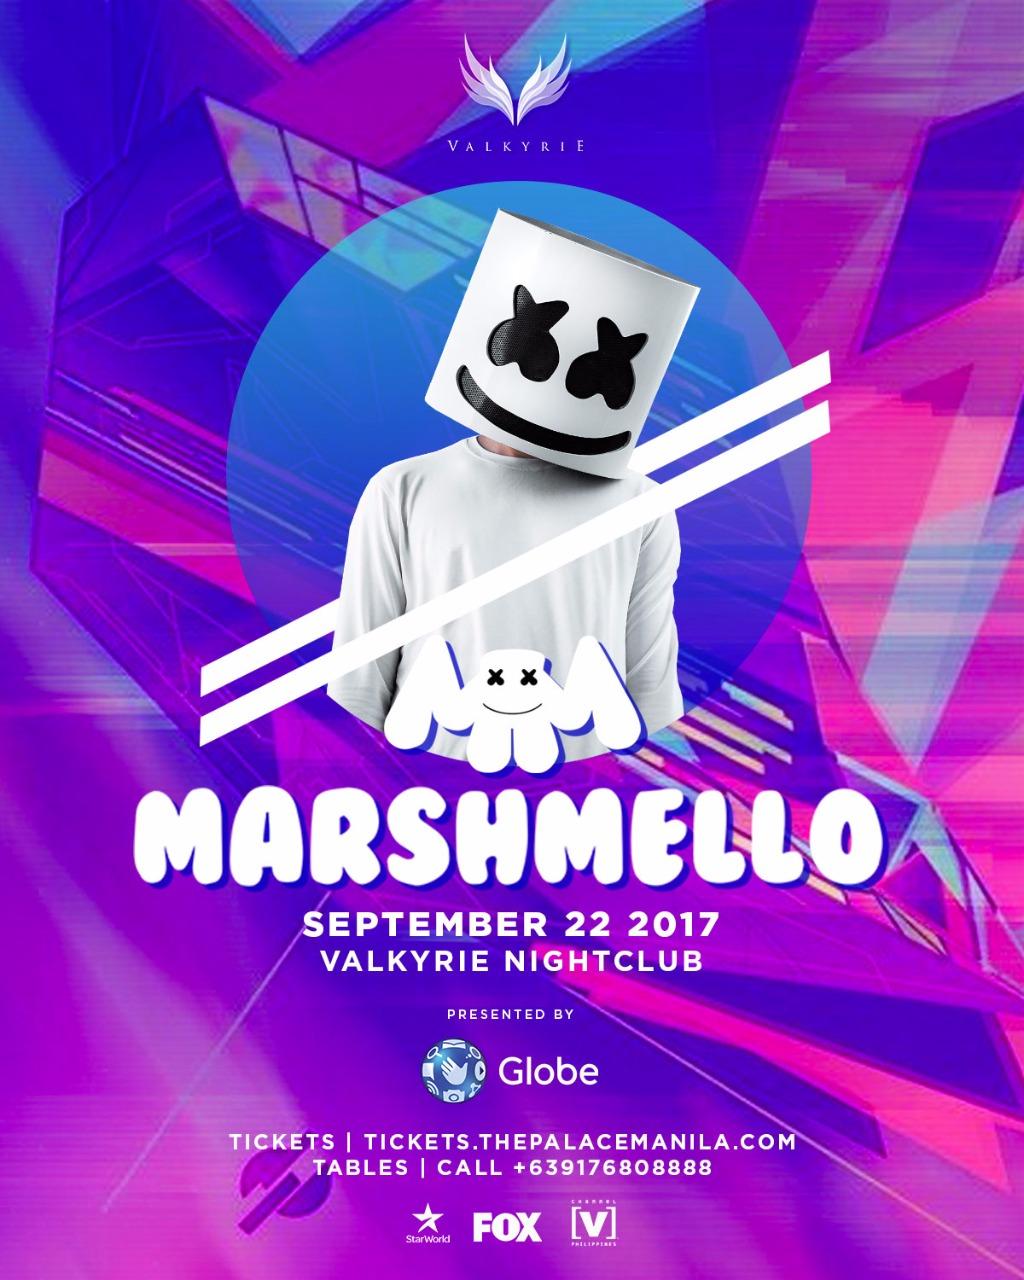 MARSHMELLO at Valkyrie Nightclub